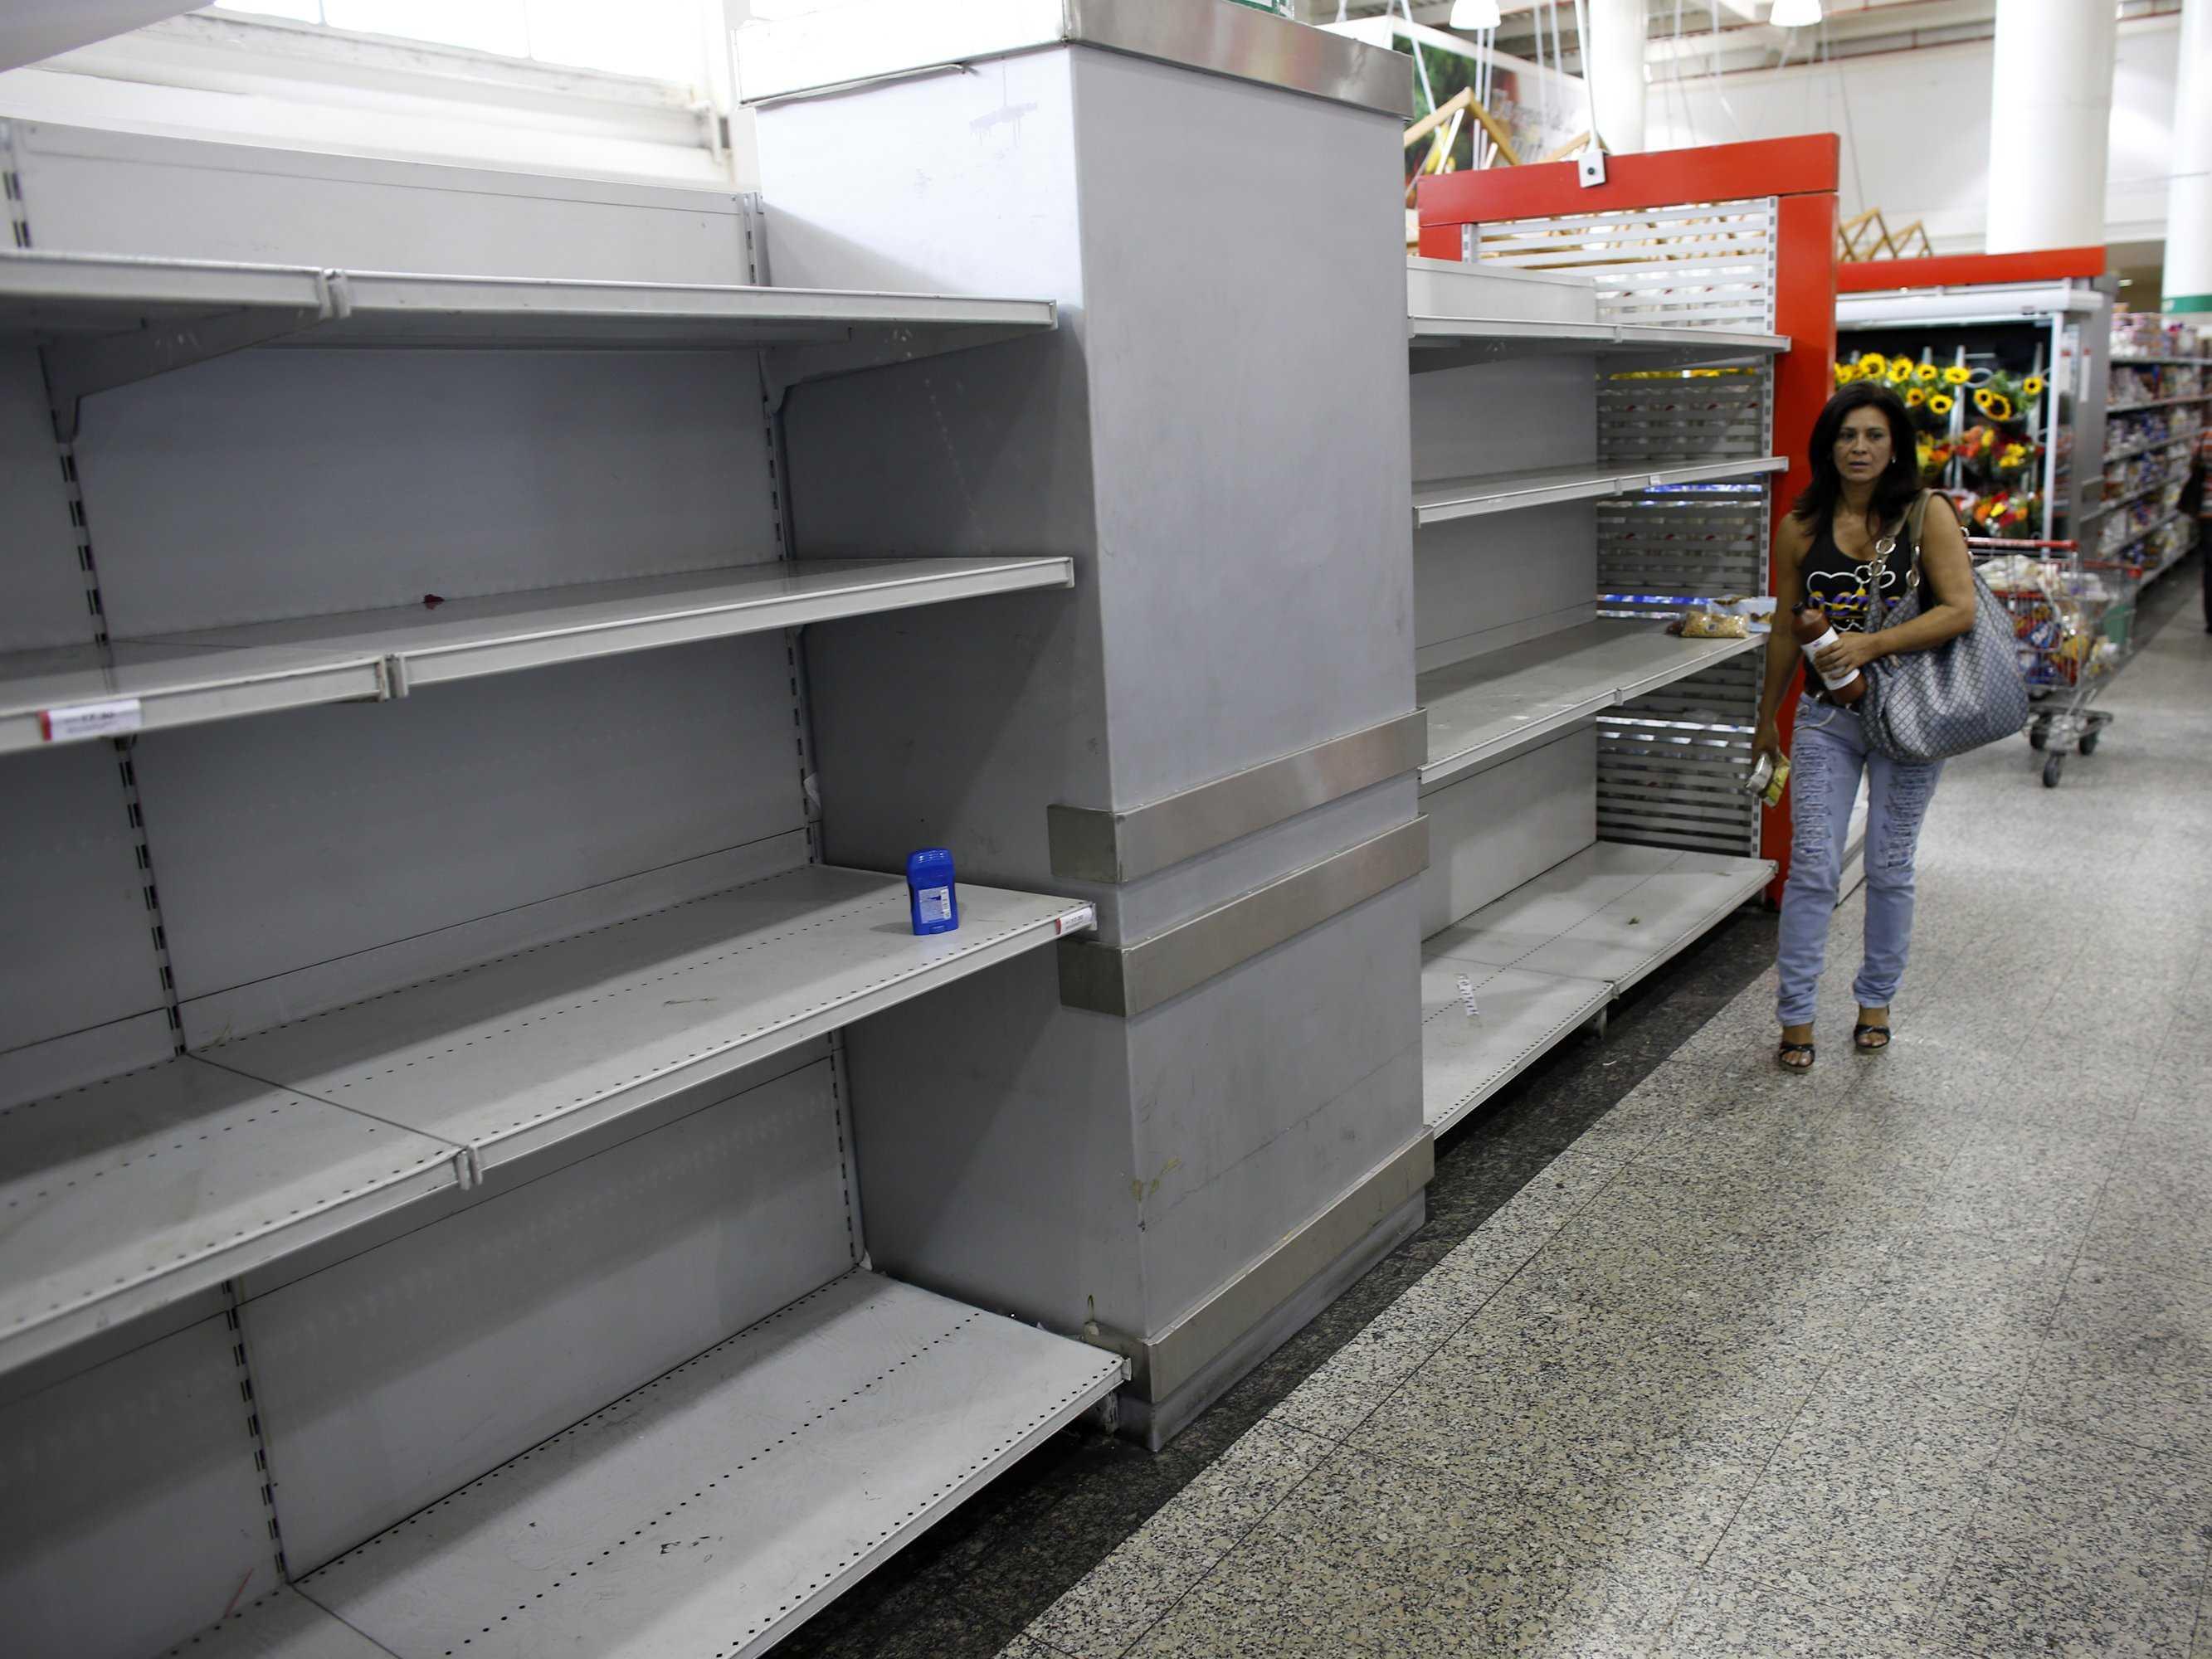 venezuelaescasez.jpg